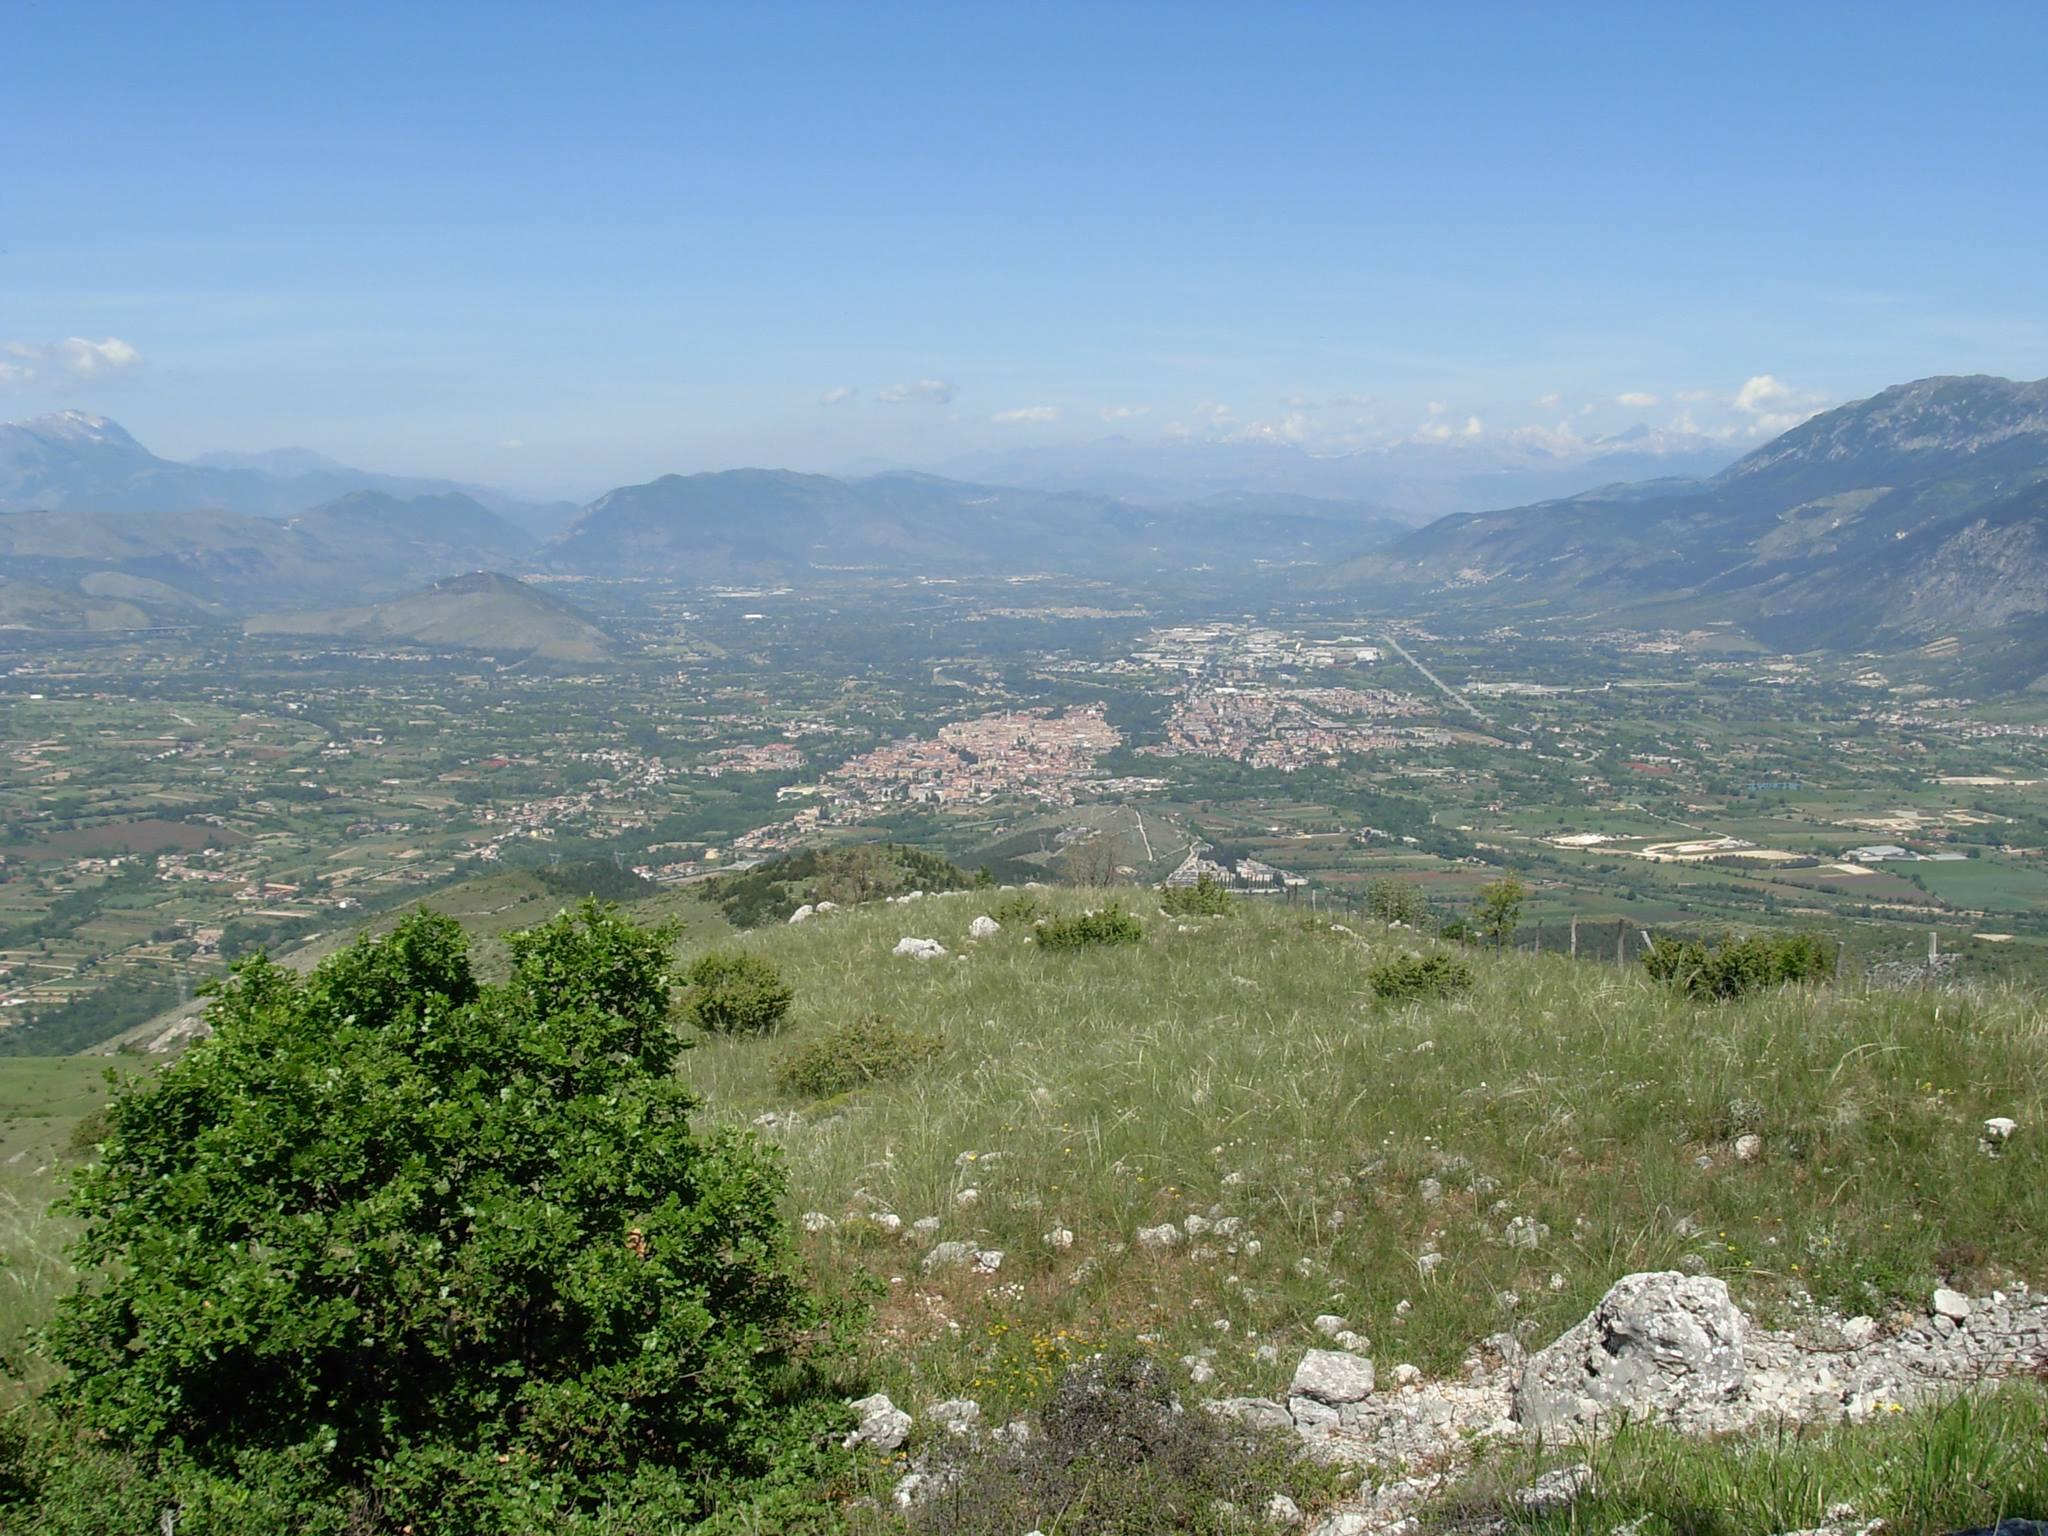 Valle Peligna (Wikipedia)